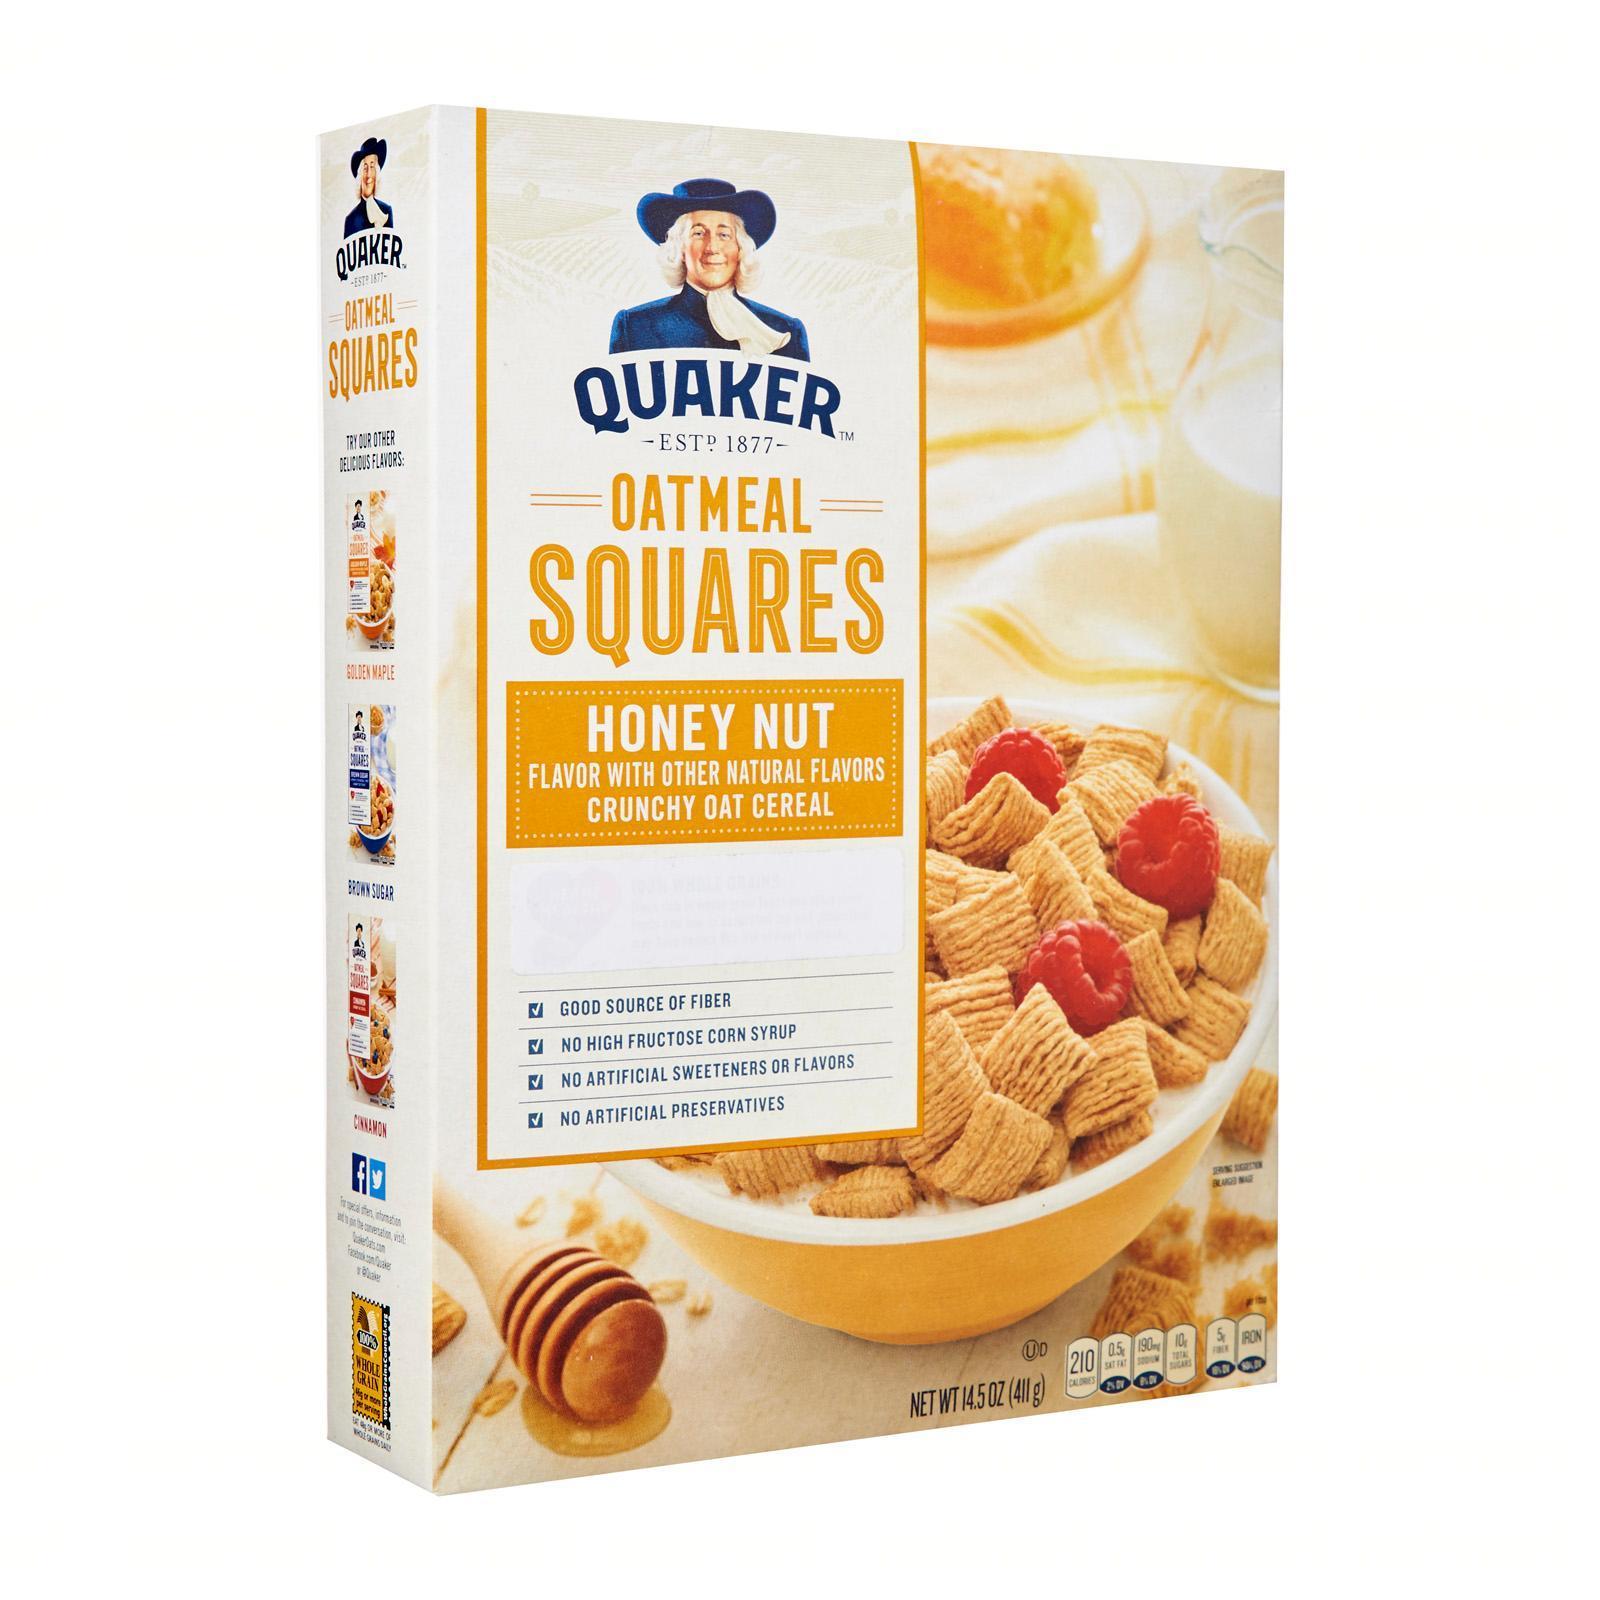 QUAKER Oatmeal Square Honey Nut